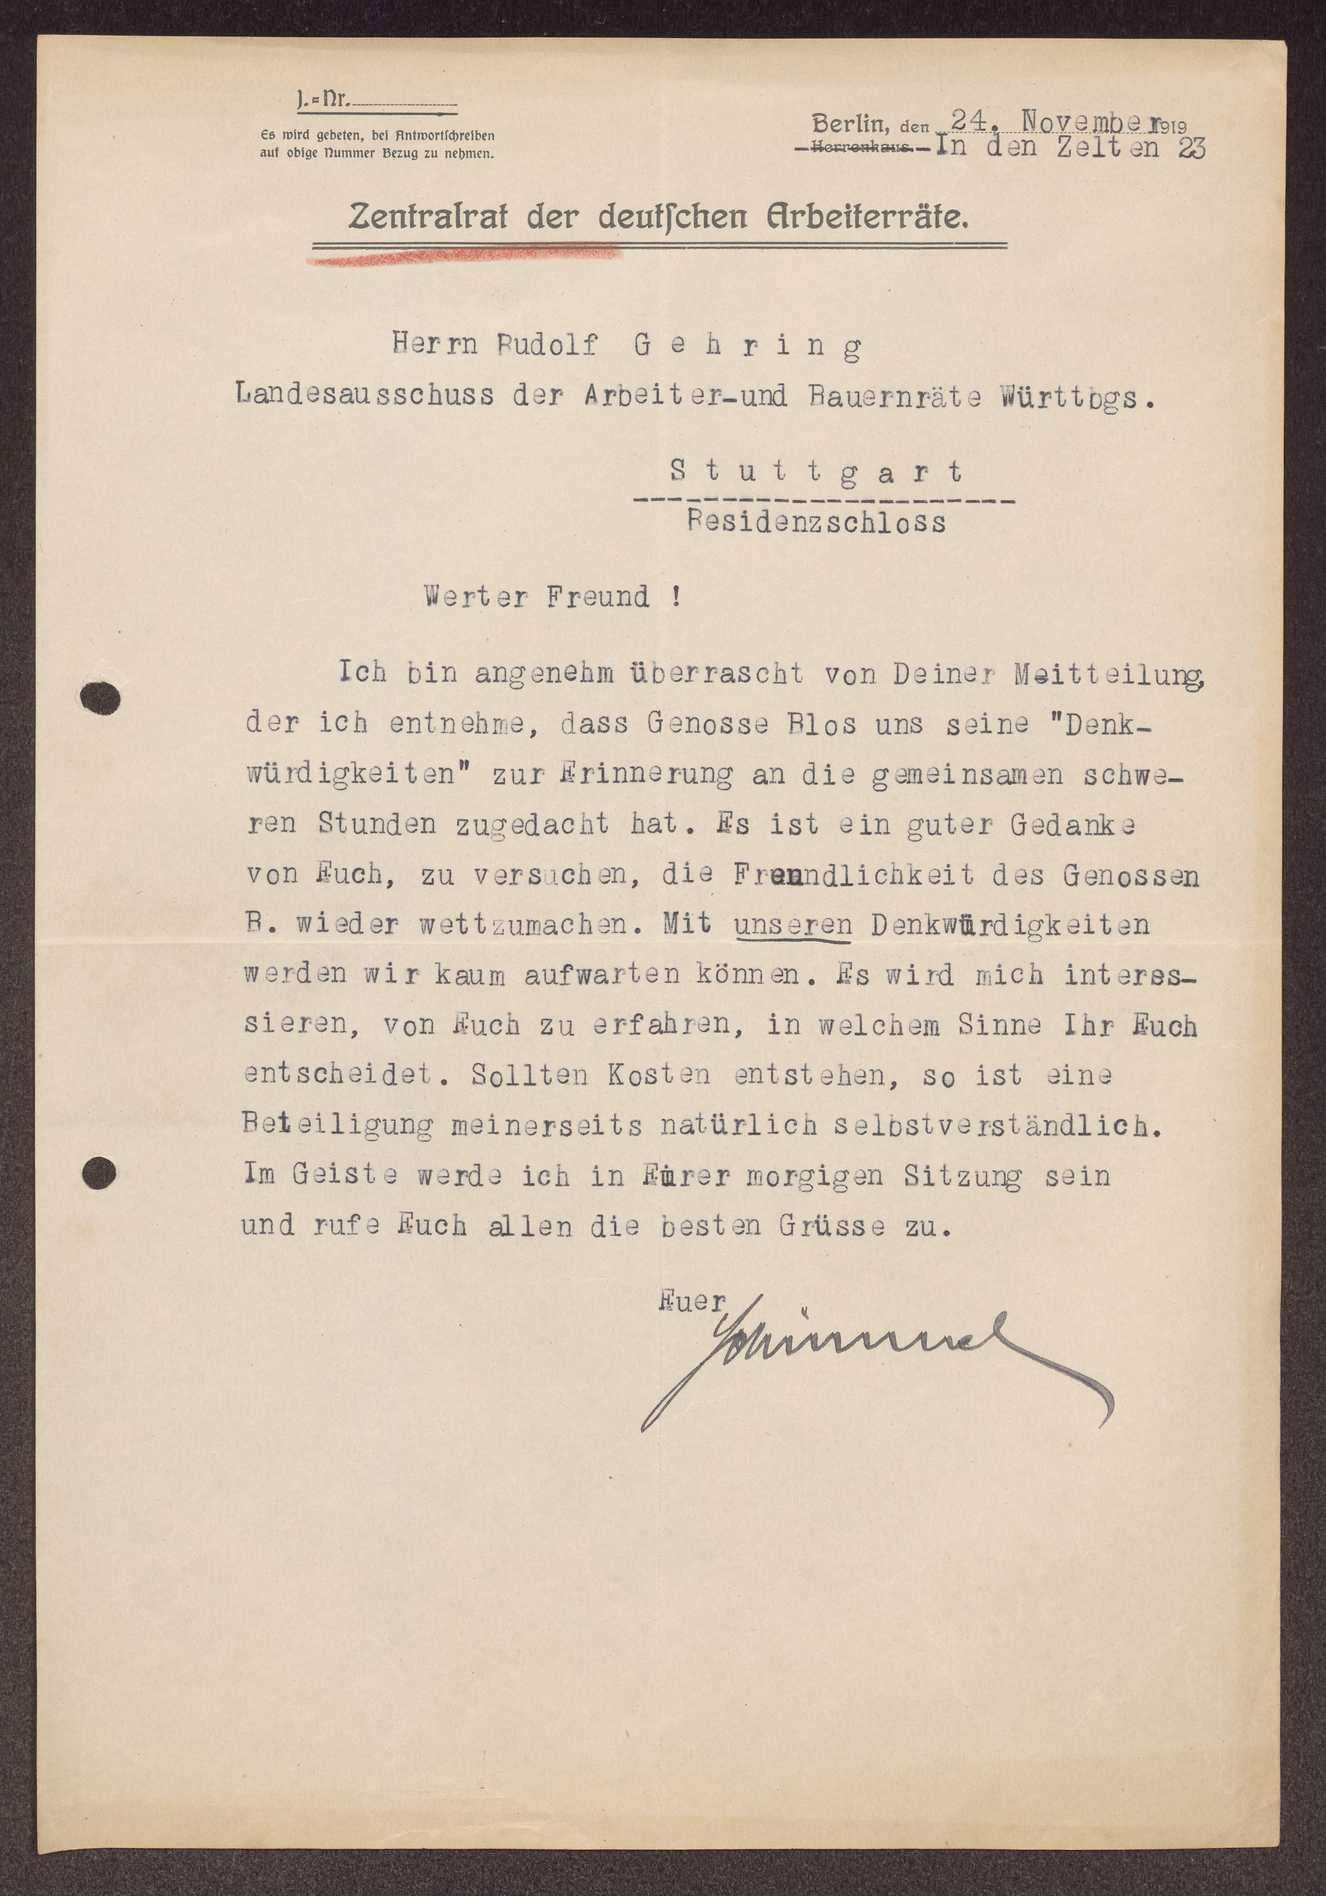 Anerkennung für Staatspräsident Blos als Gegenleistung für sein Buchgeschenk an den Landesausschuss, Bild 2